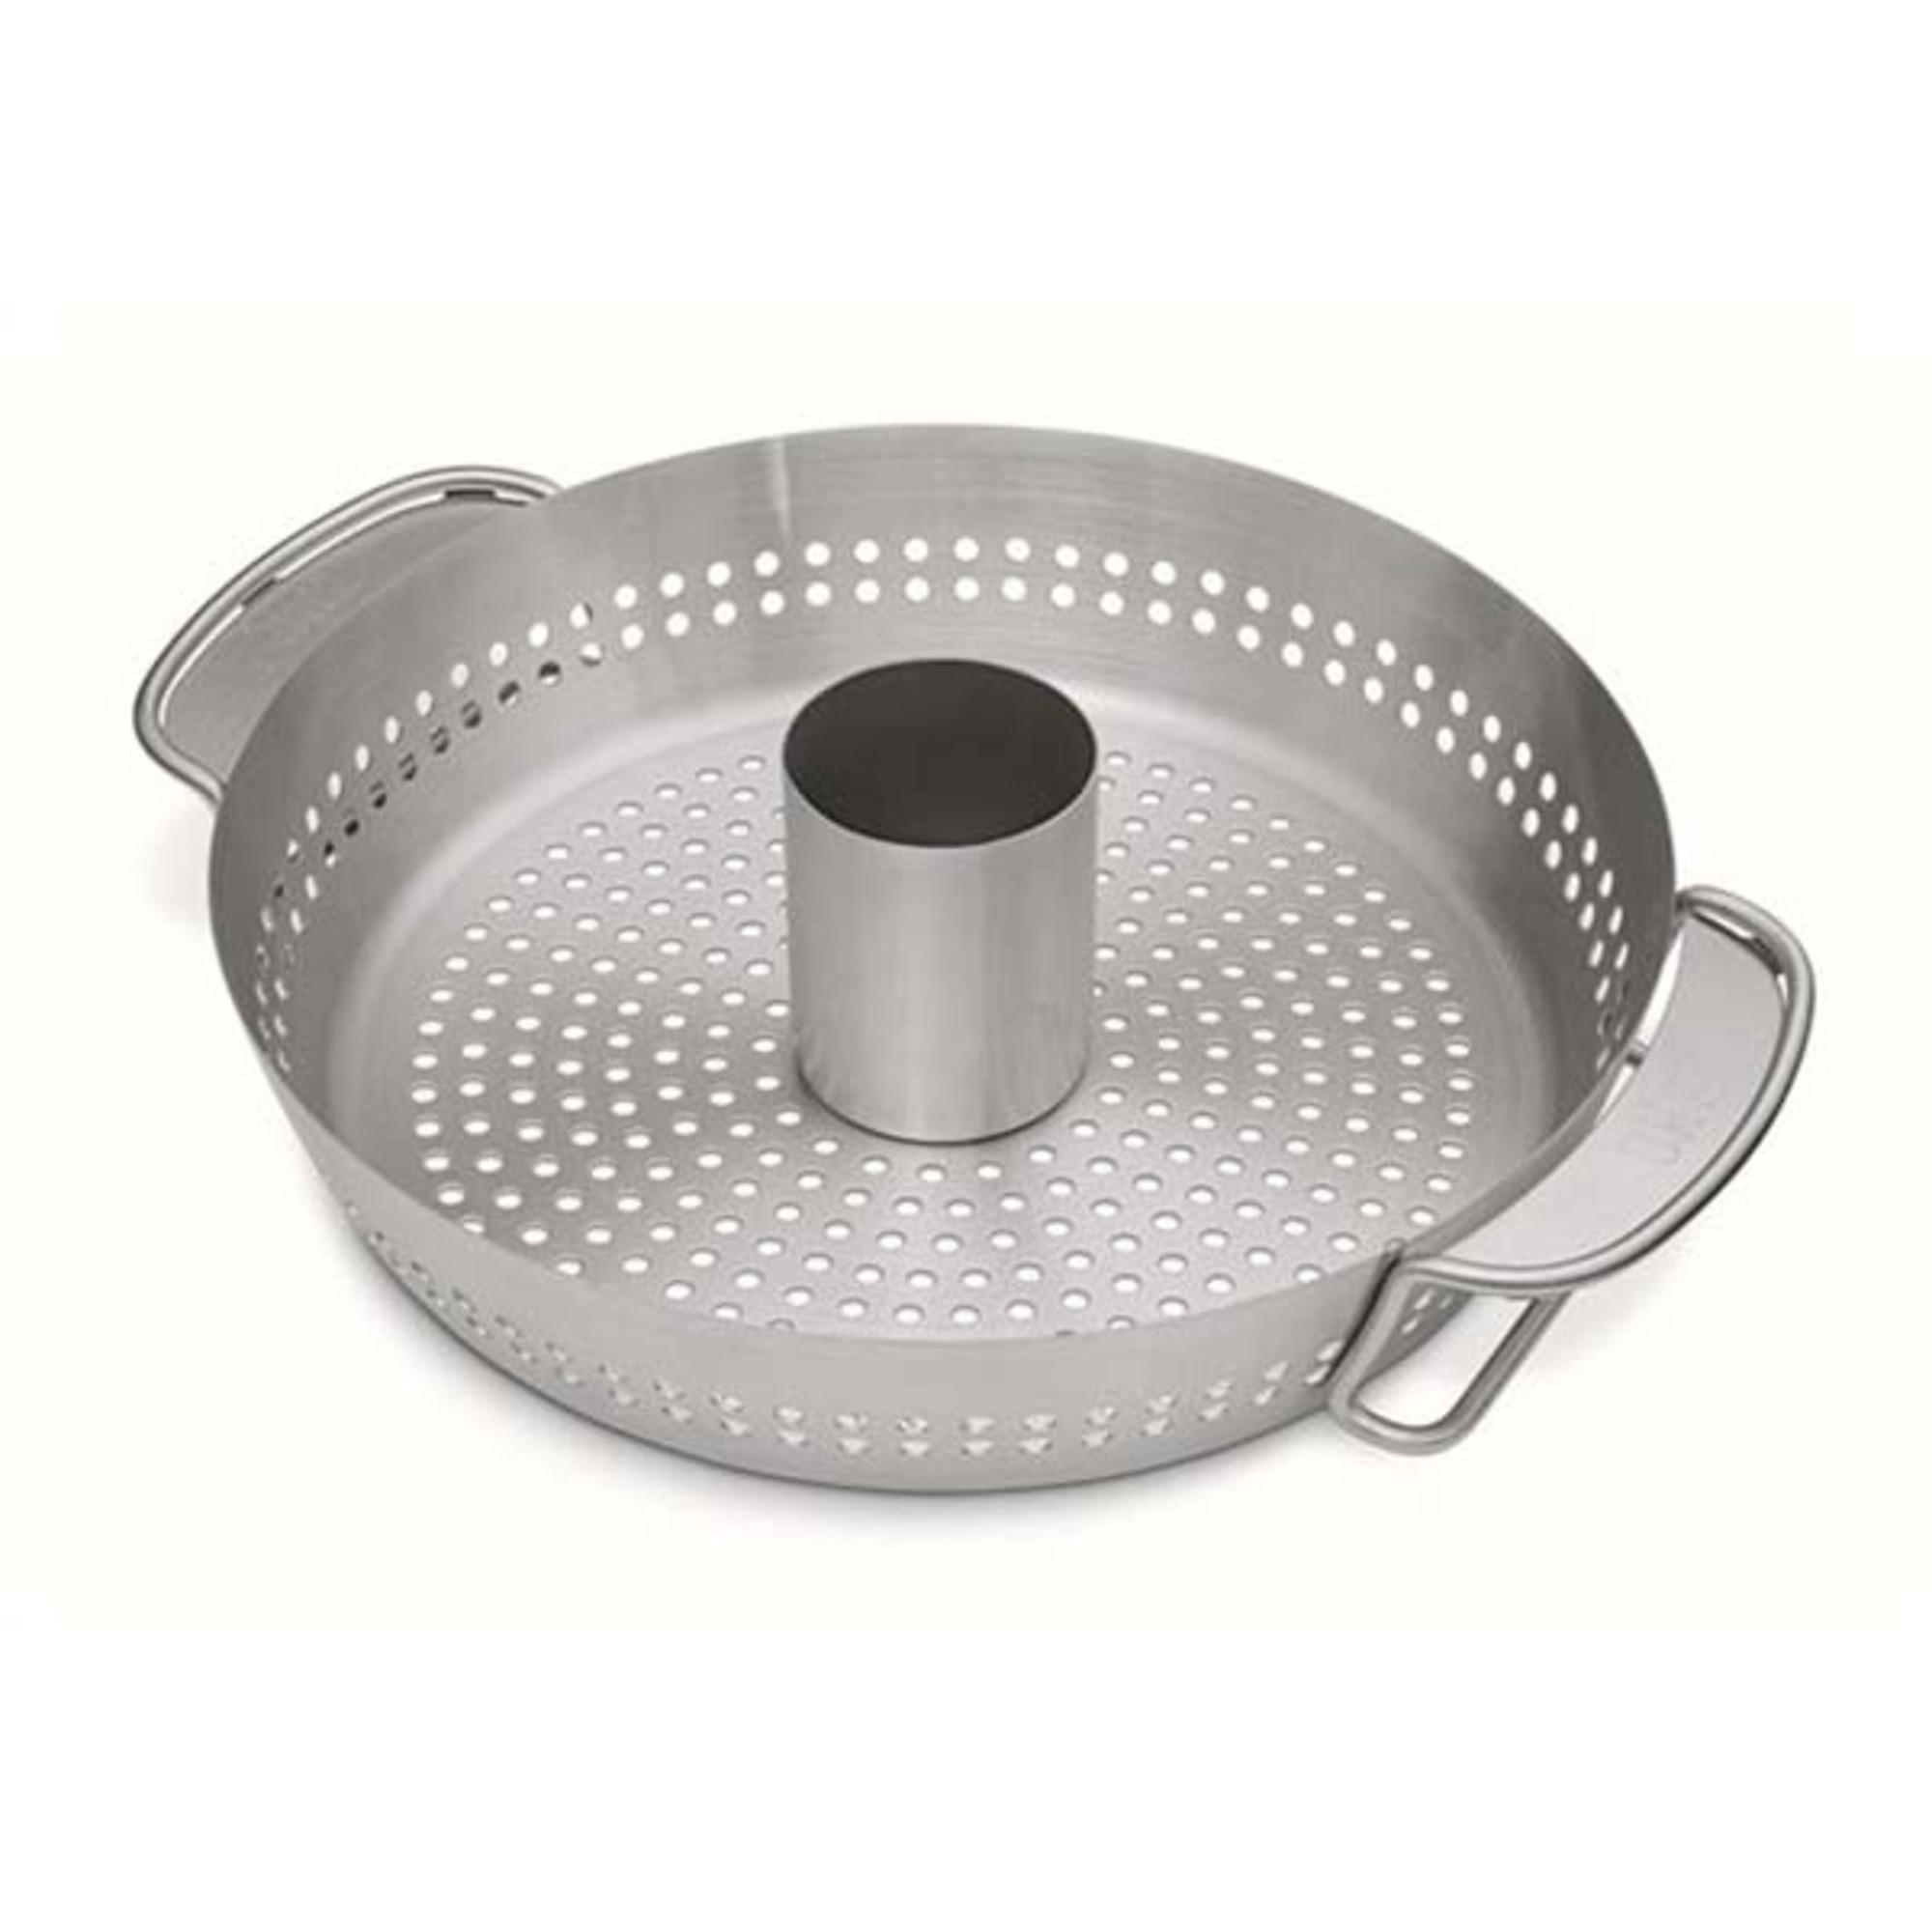 Weber Original Gourmet BBQ System Kycklinghållare